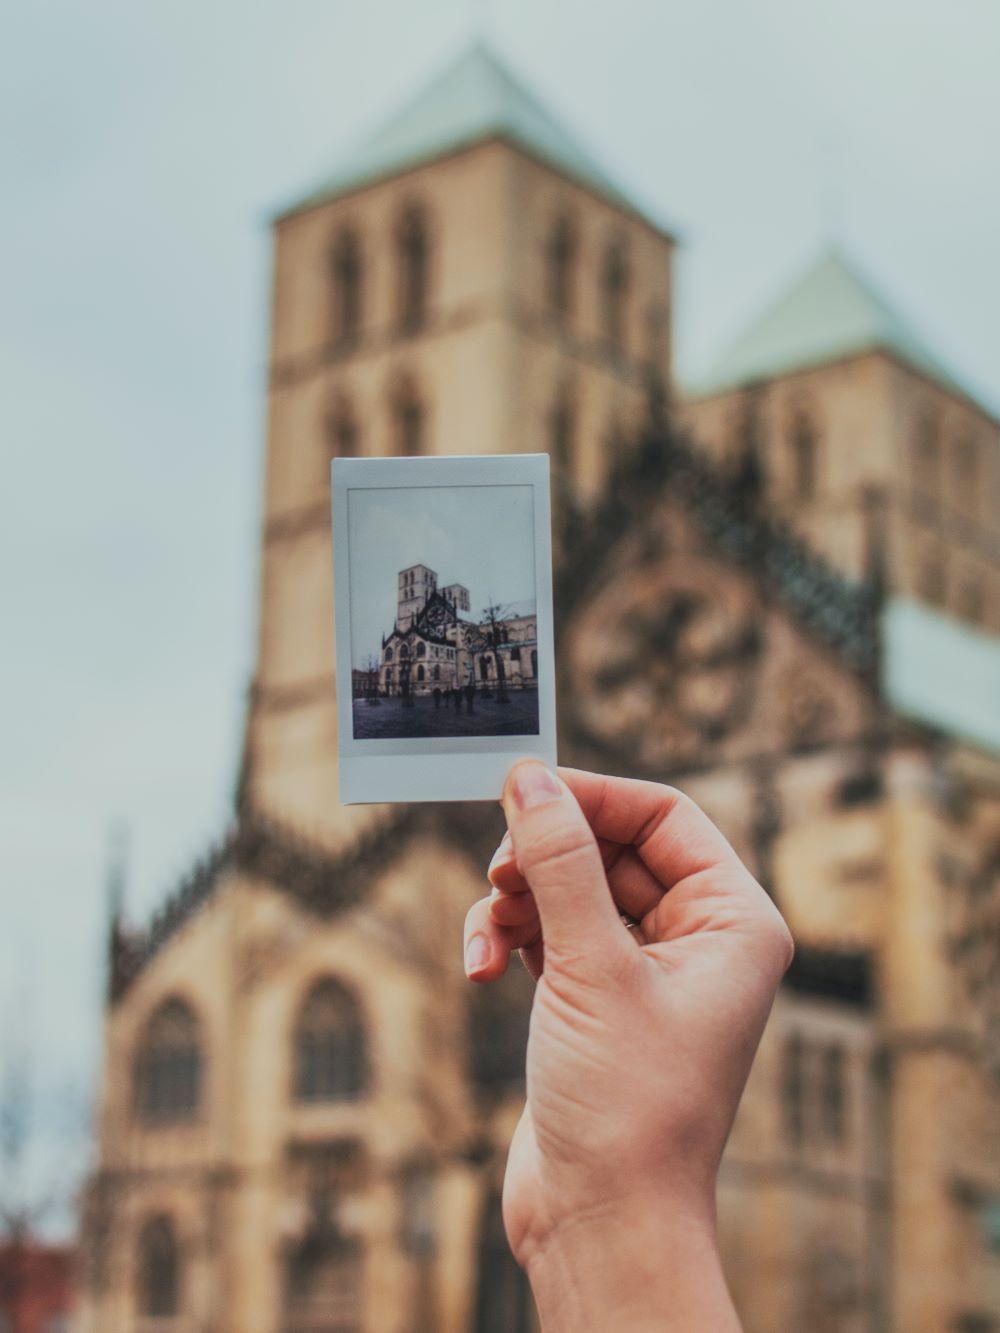 roestbar ist ein Unternehmen aus Münster